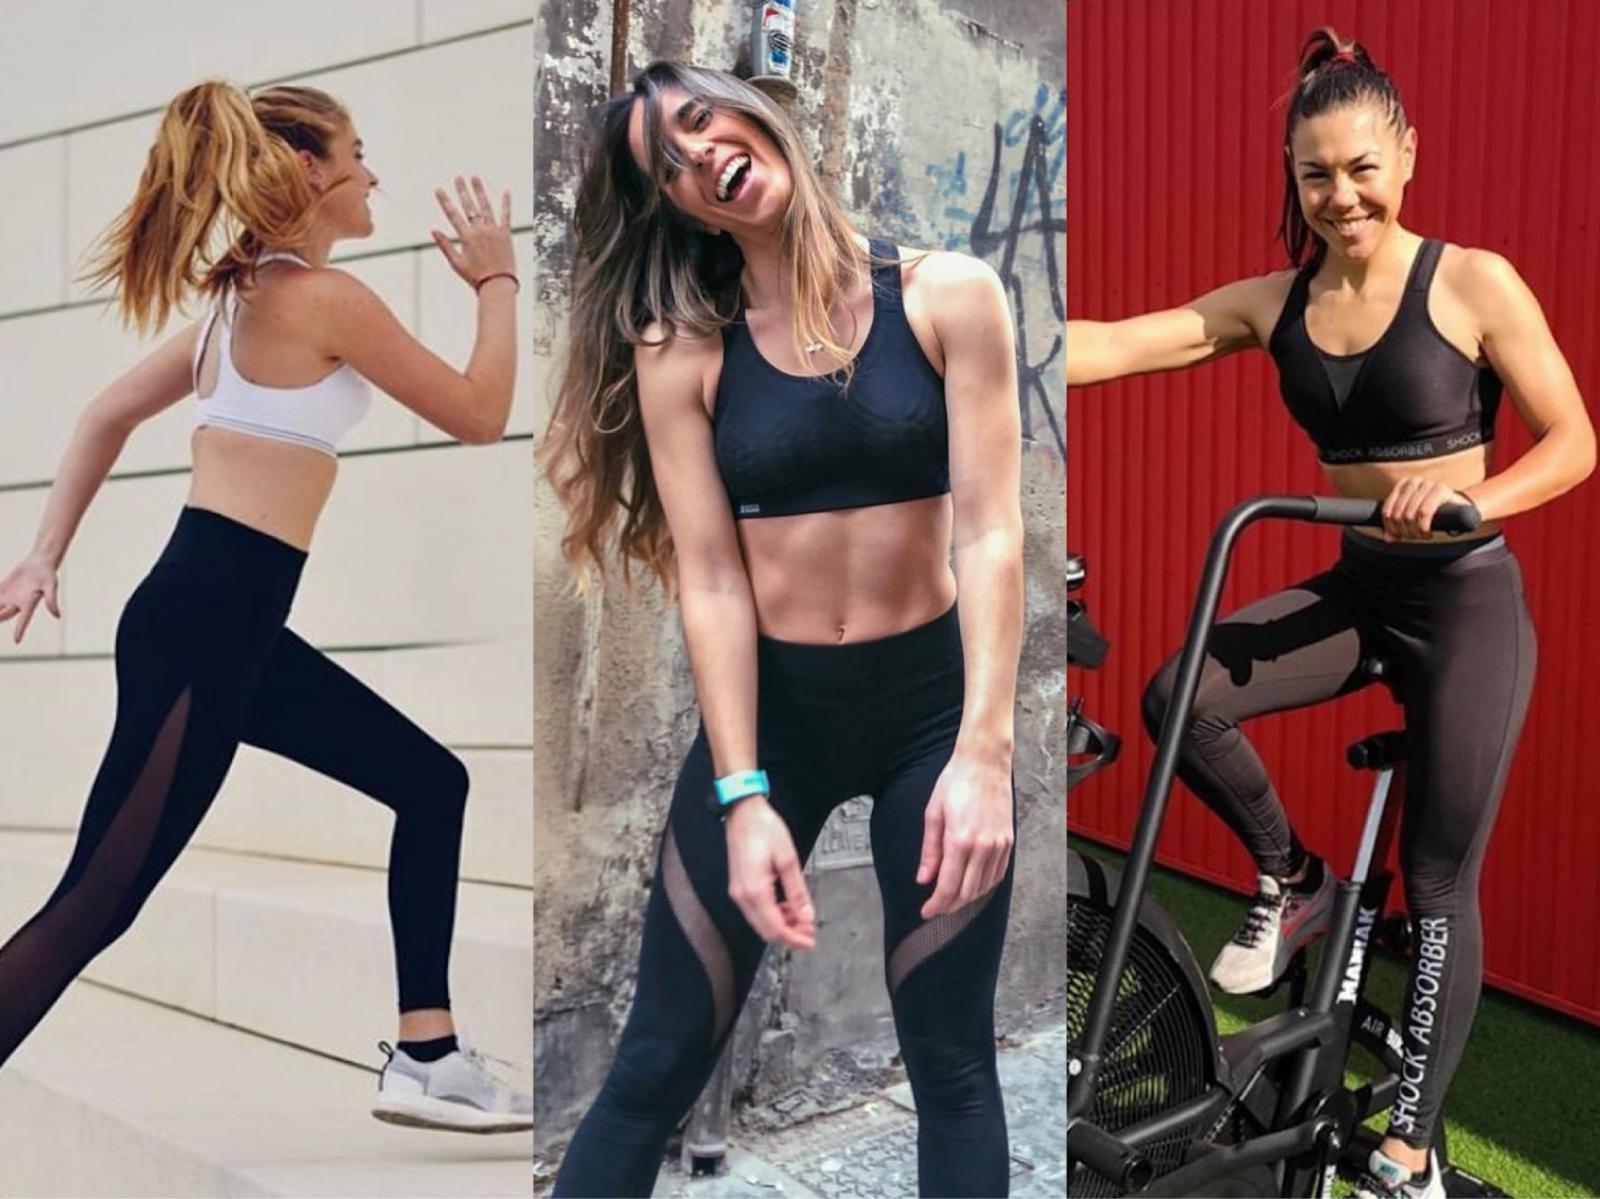 主打其運動內衣能「有效減少乳房74%的晃動」,大幅降低女性在運動時因胸部晃動而產生的不便